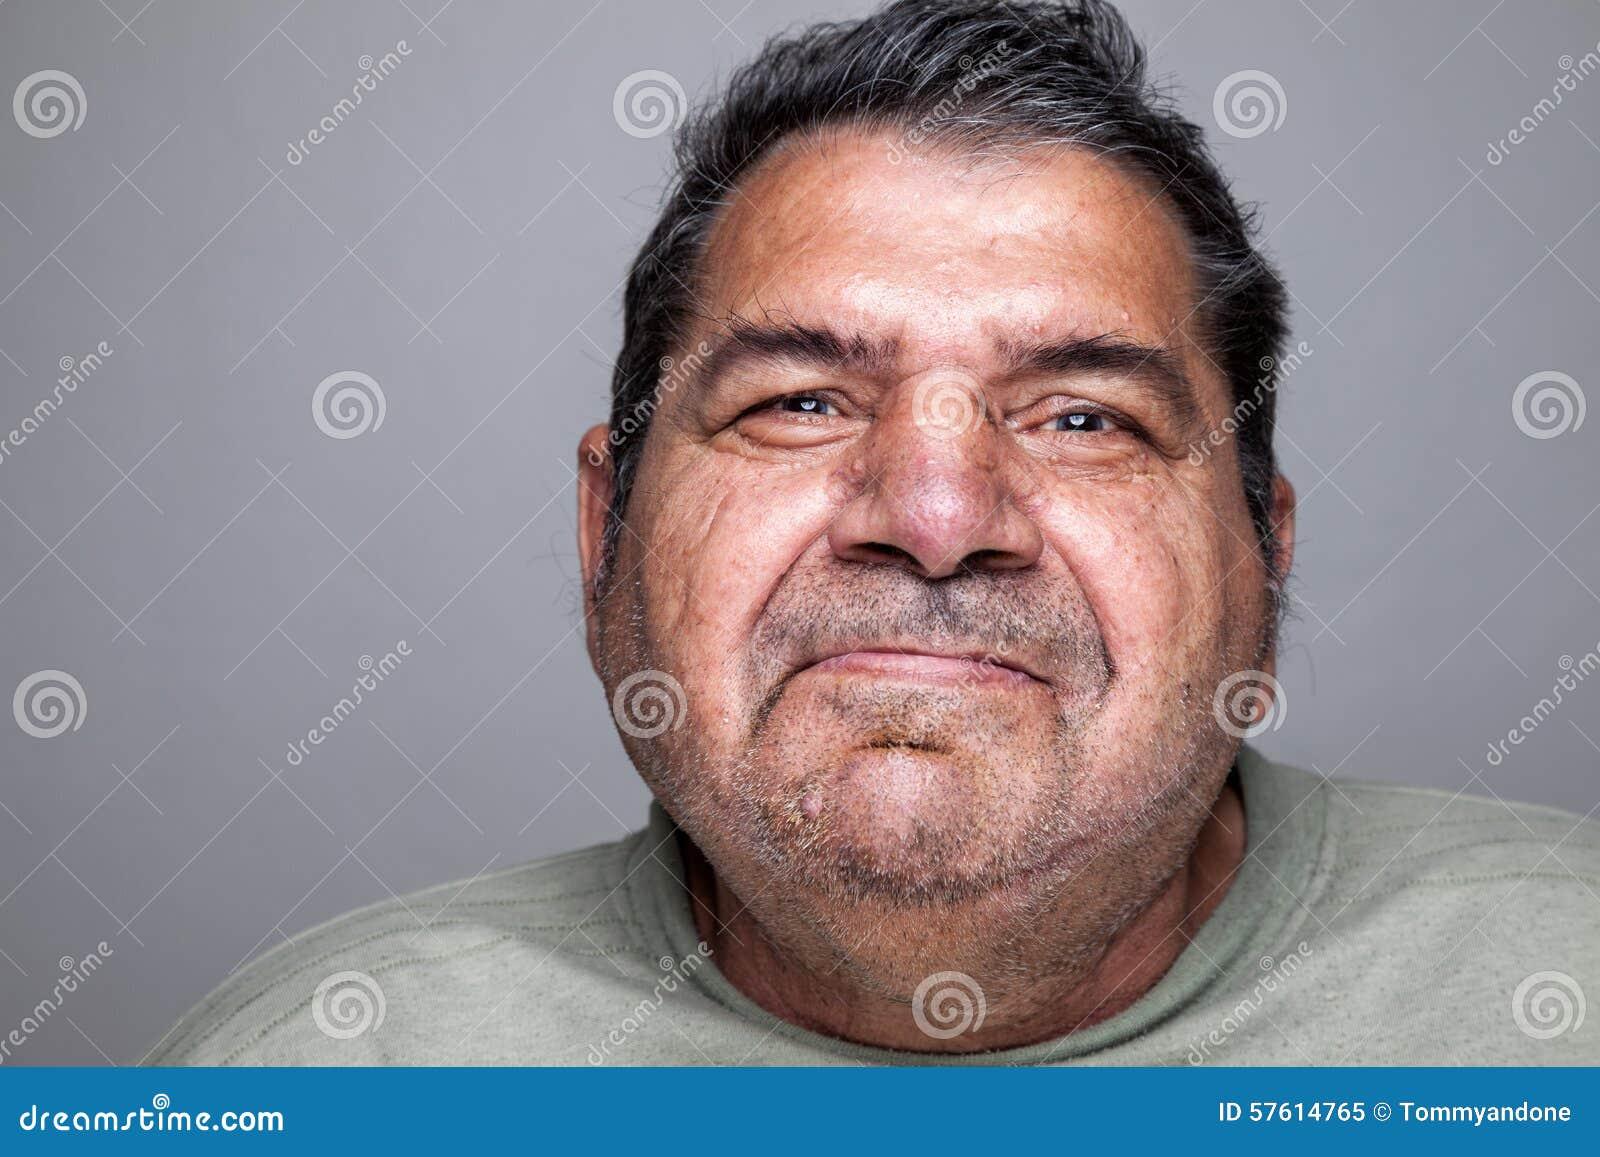 Portriat d un homme plus âgé